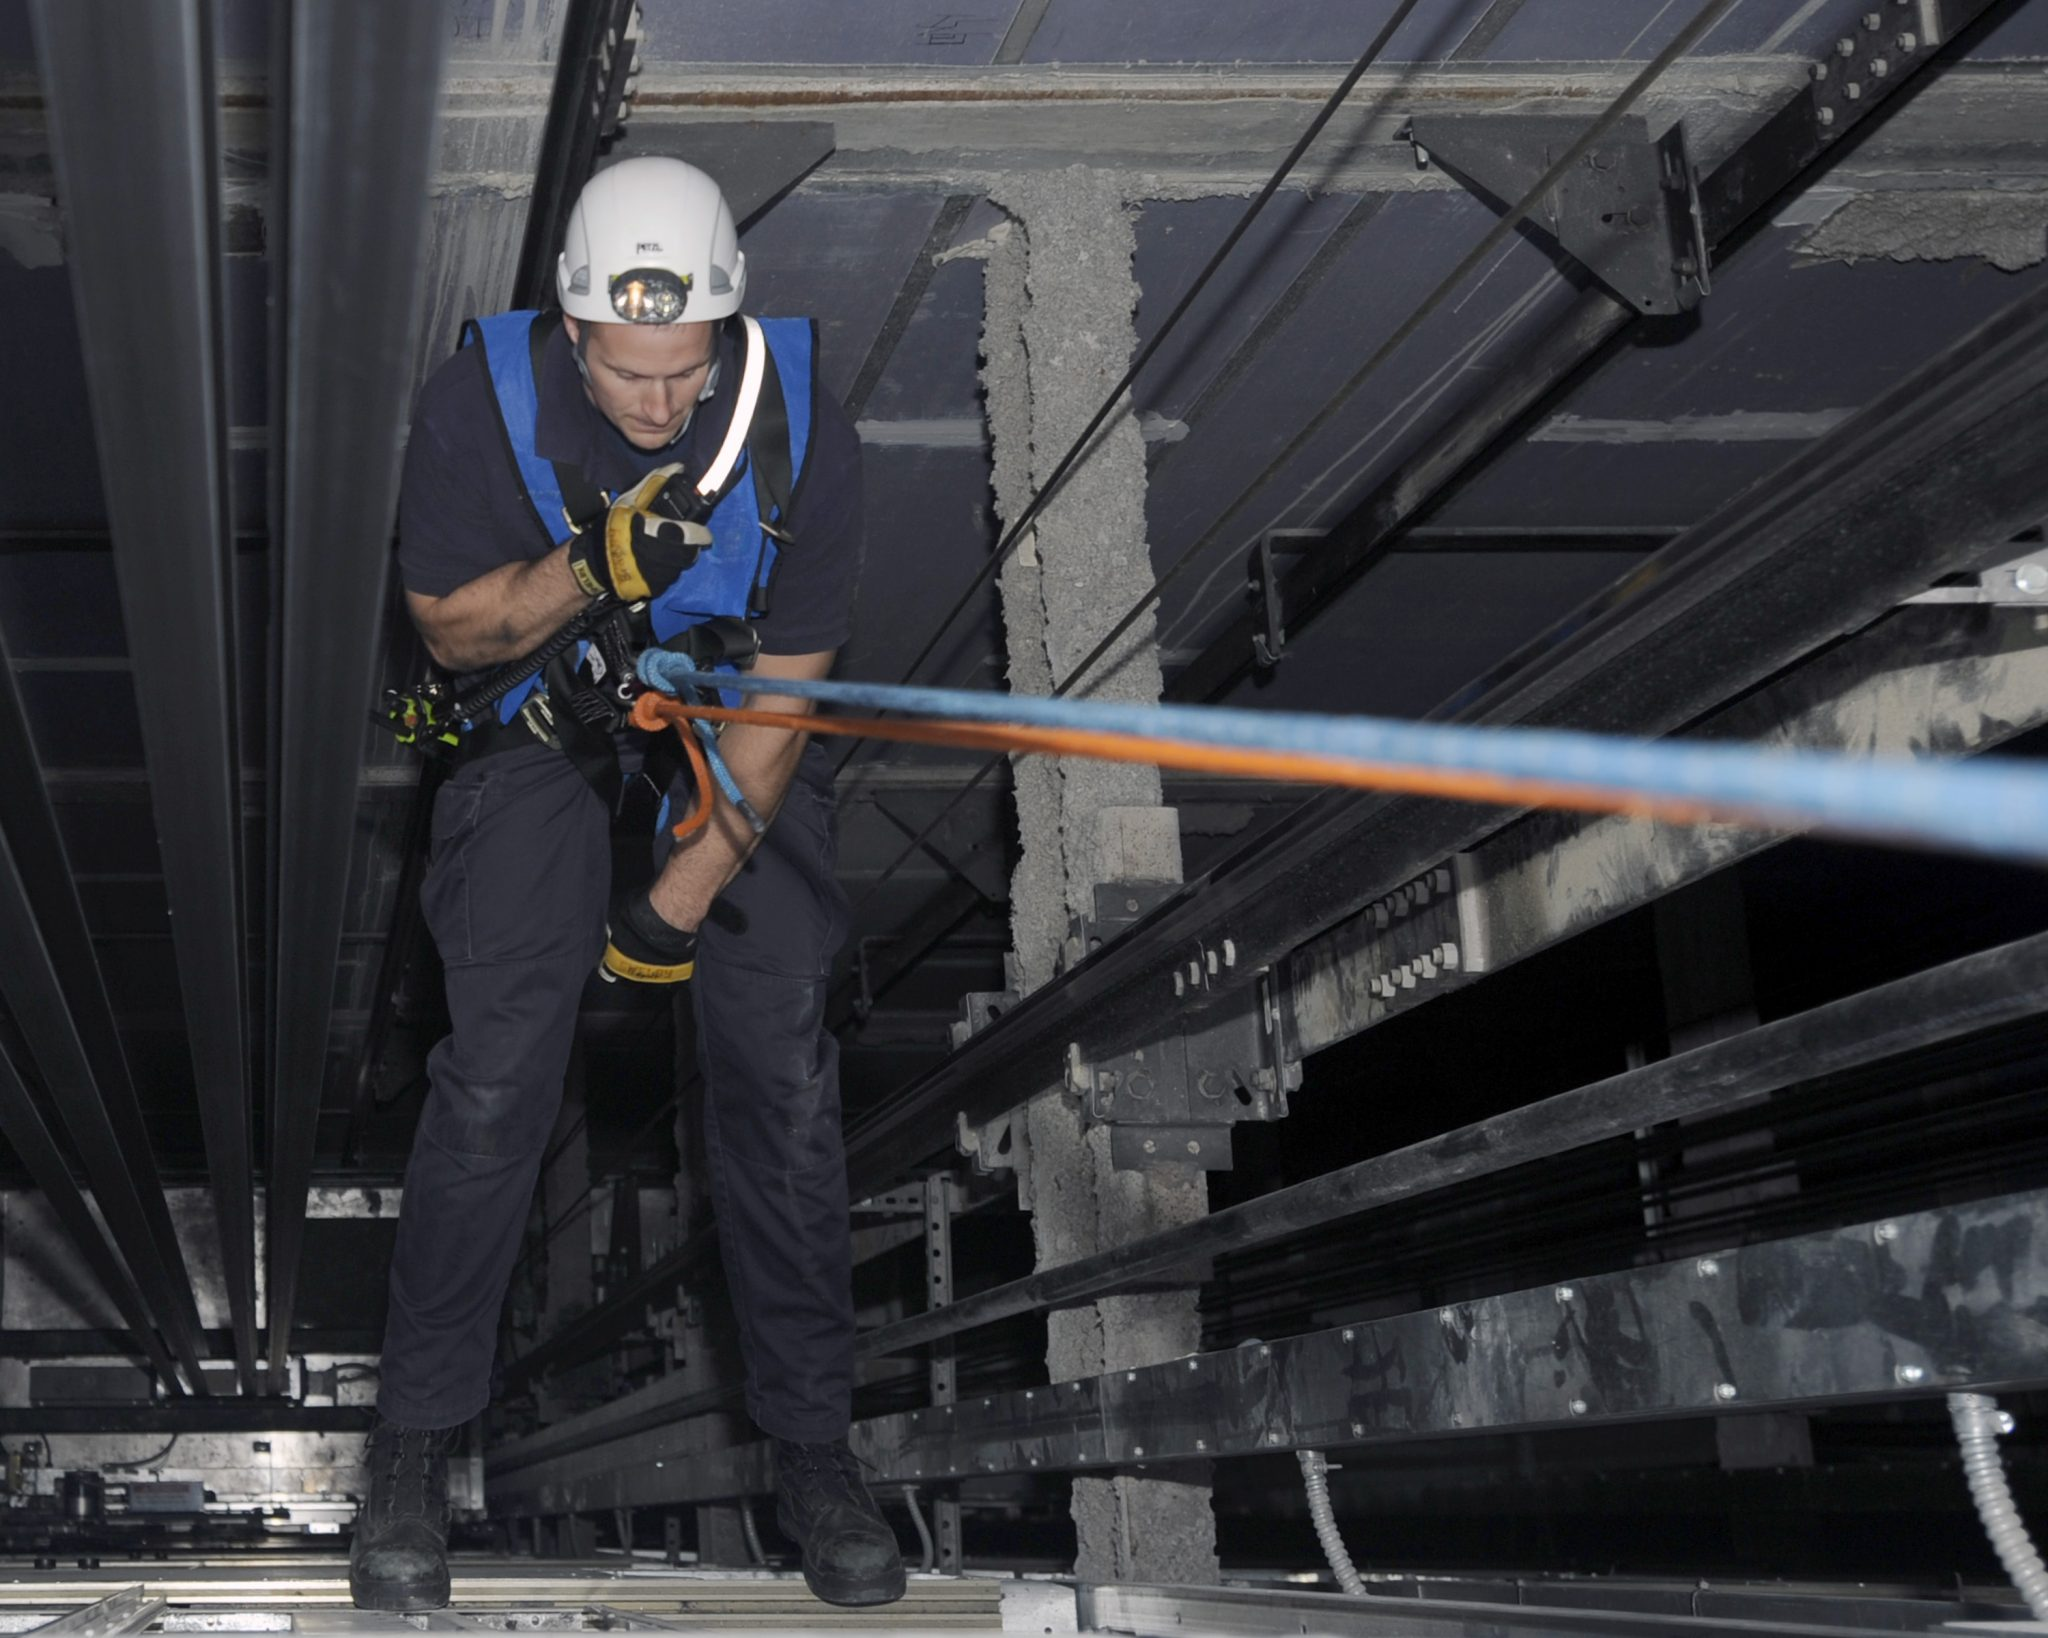 Asansör,Ankara Asansör,Yürüyen Merdiven,Yürüyen Yol,Asansör Kabini,Asansör Smm Belgeli Mühendis